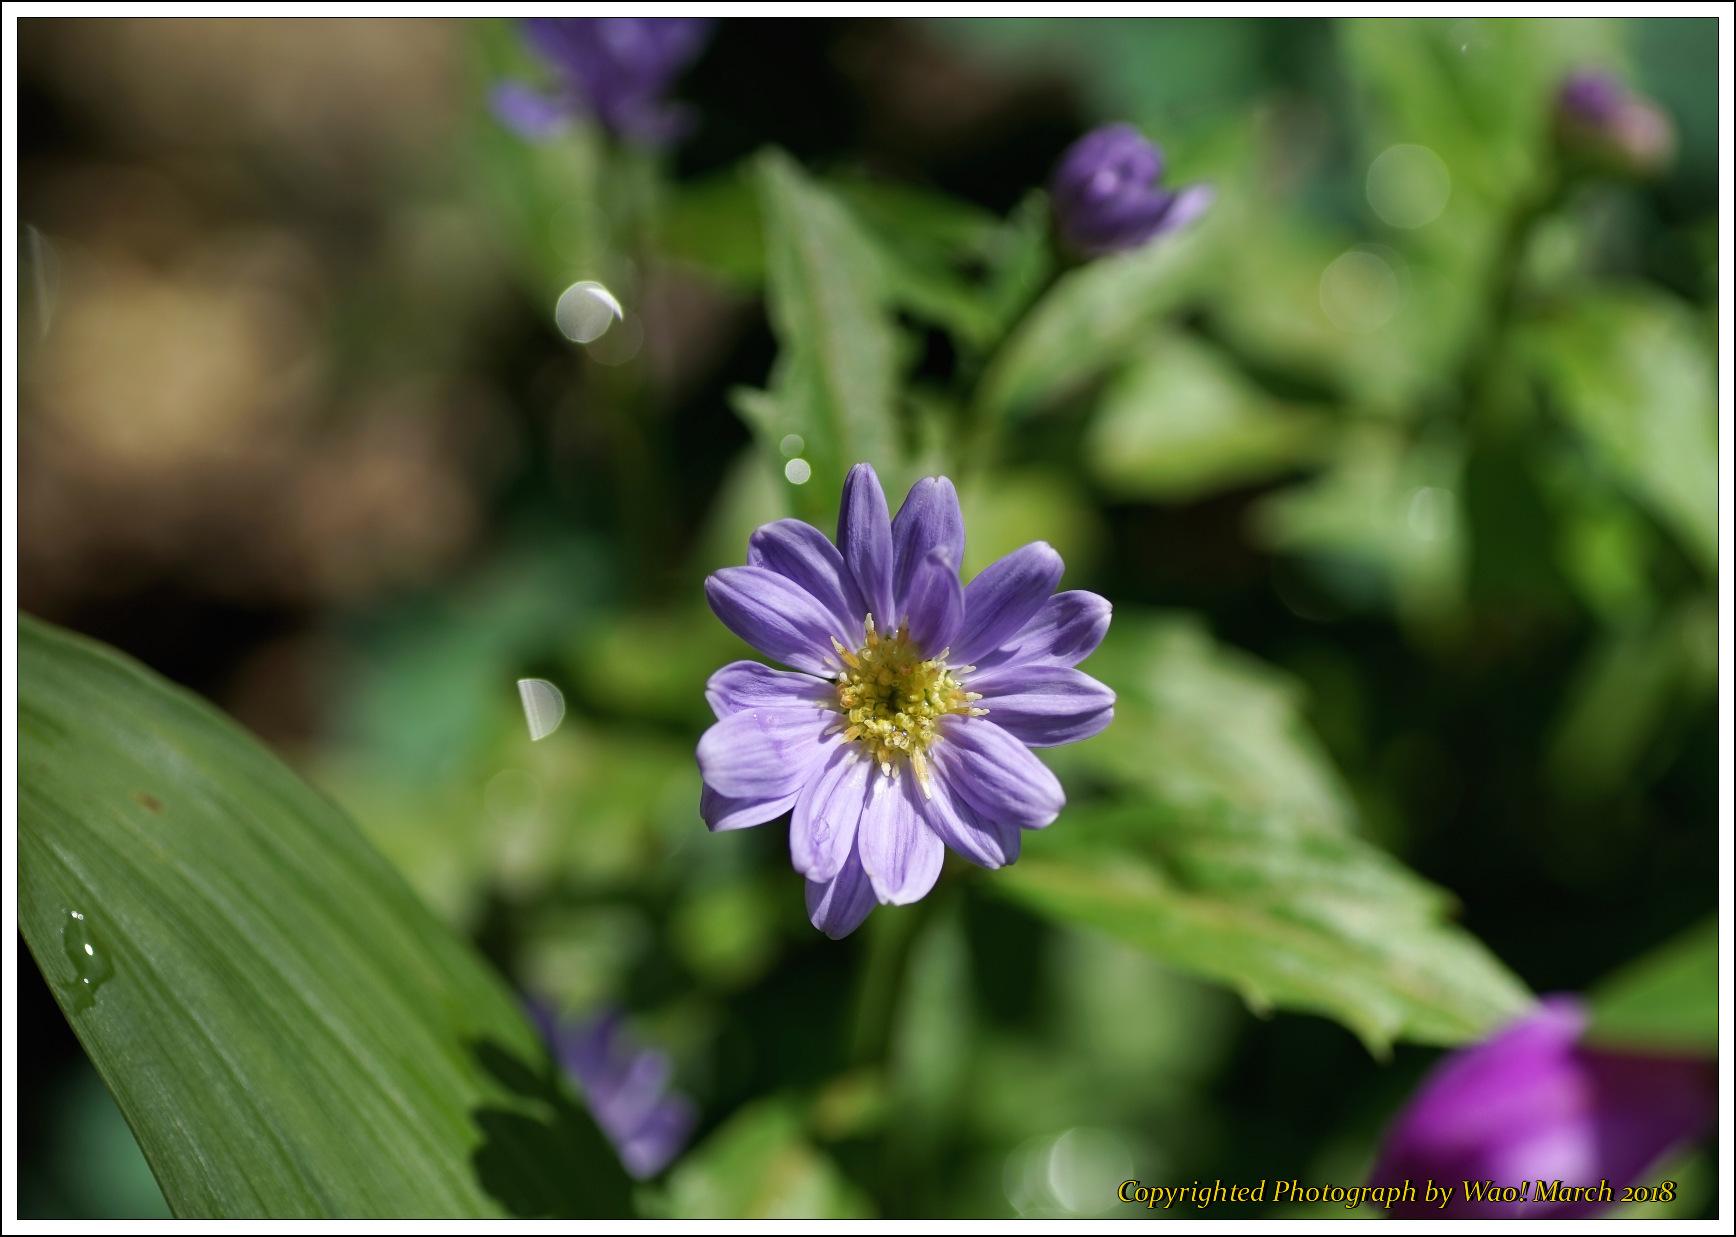 庭に咲く花 -1_c0198669_17442269.jpg